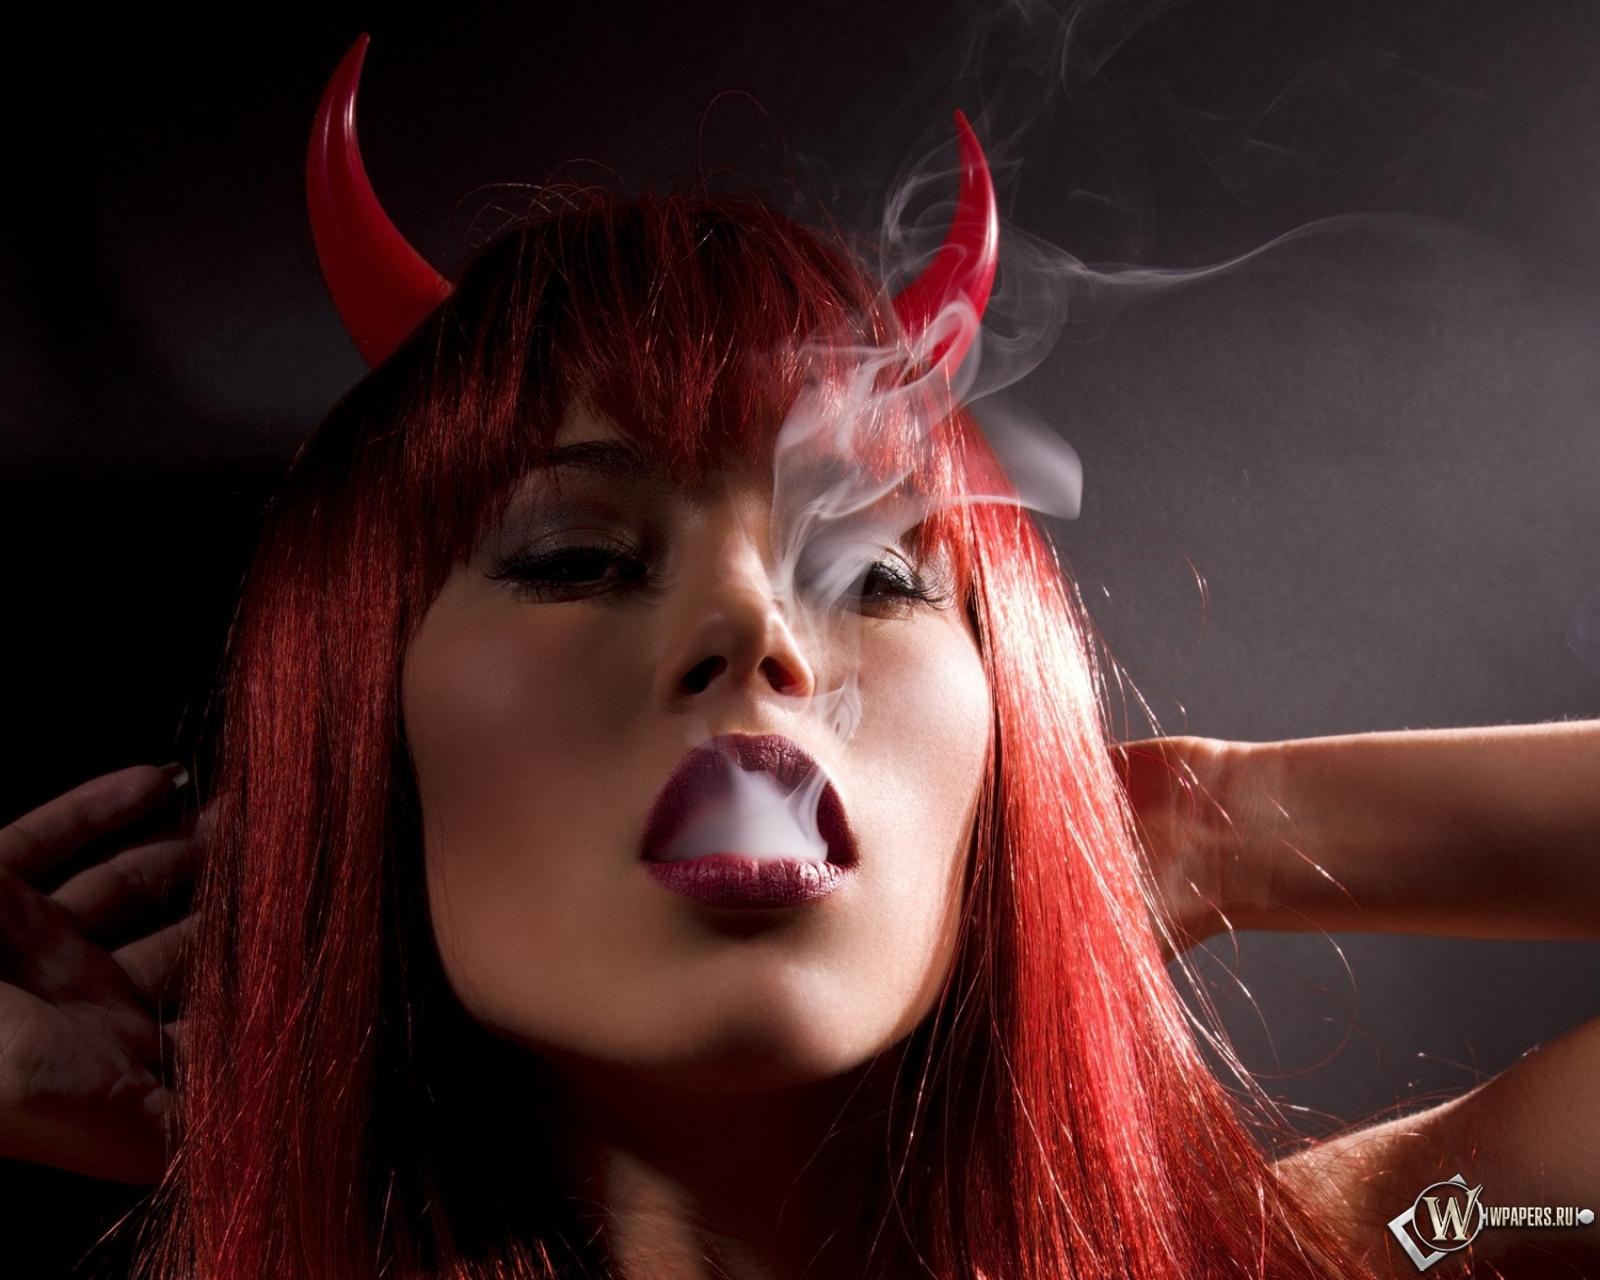 Красивая картинка дьяволицы